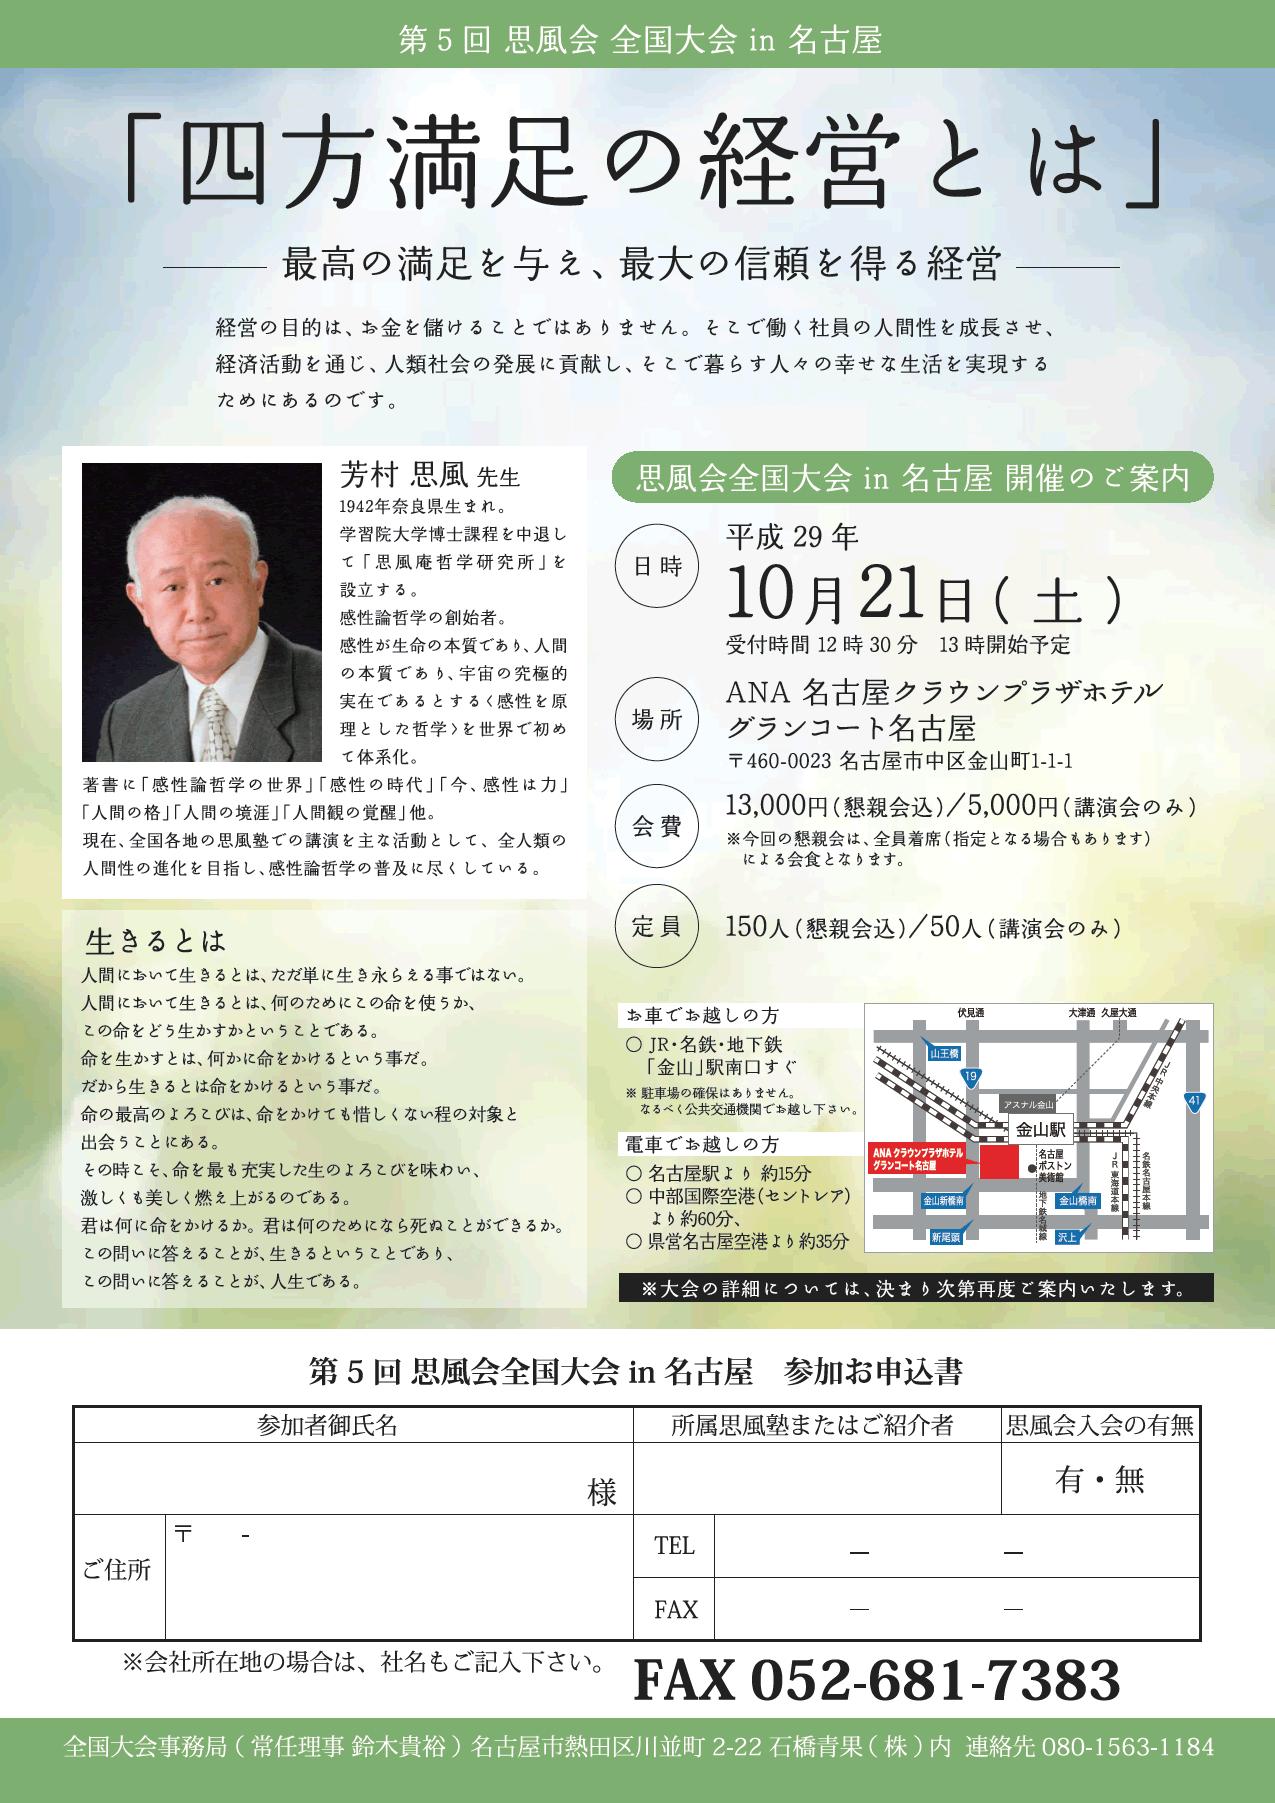 思風会の全国大会を名古屋にて開催